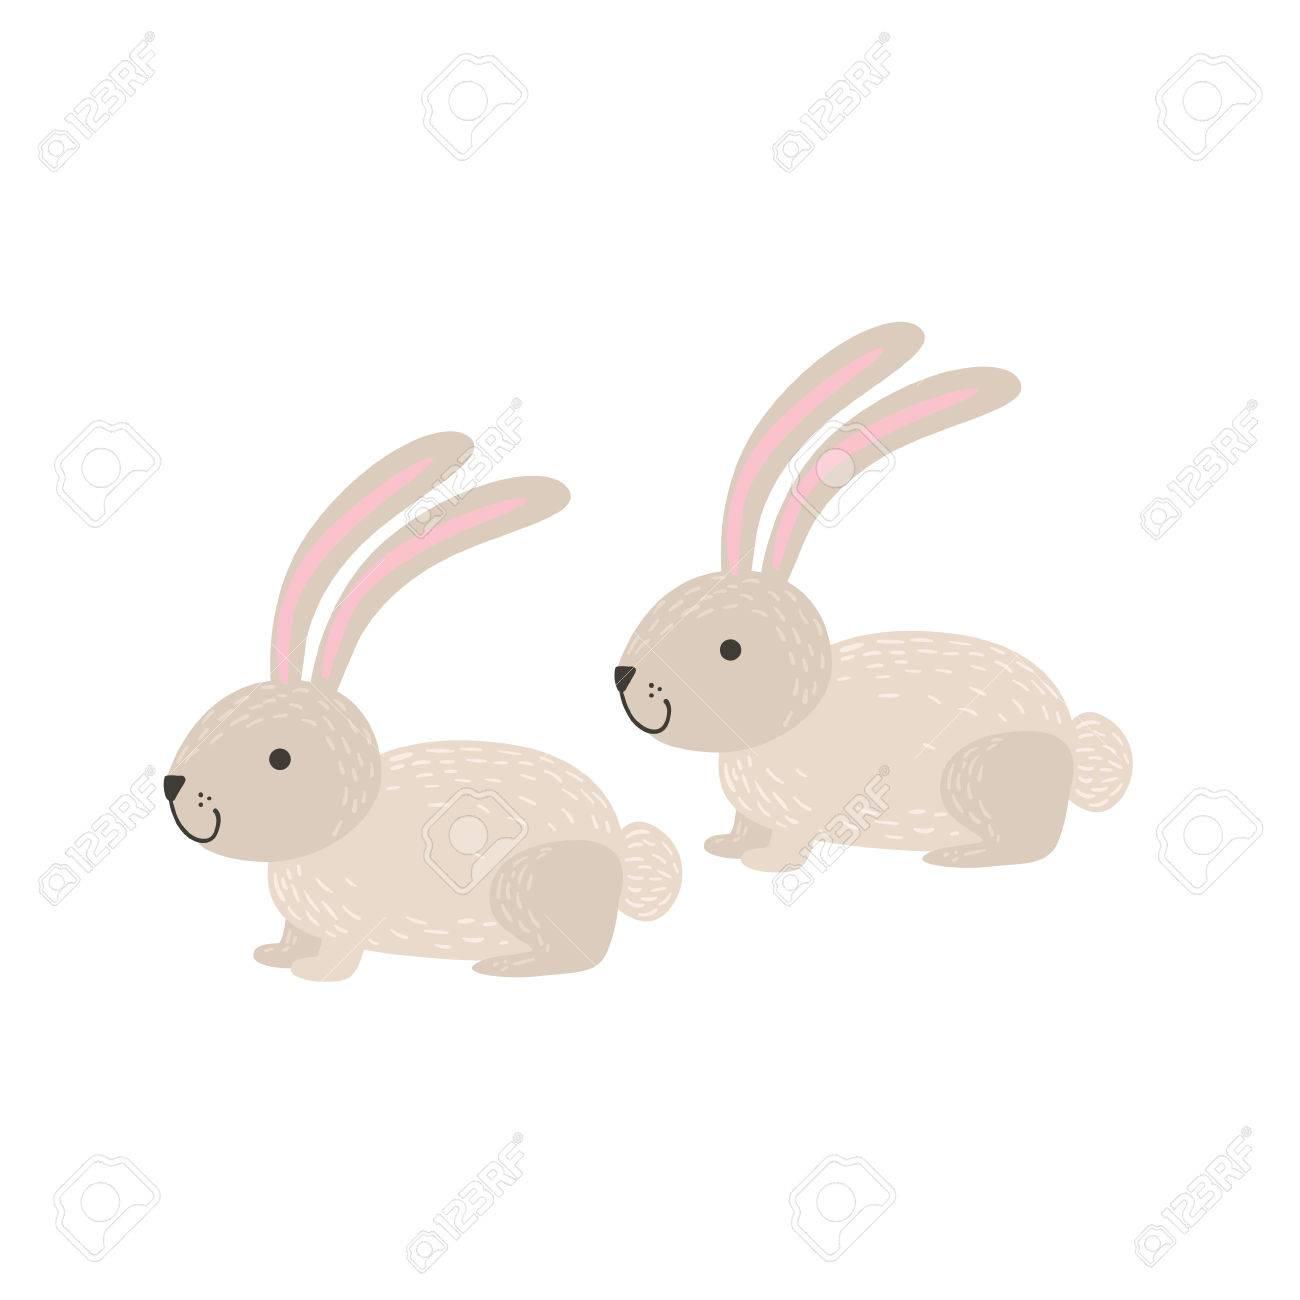 Deux Lapins Blancs Assis Stylisés Dessin Vectoriel Plat Enfantin